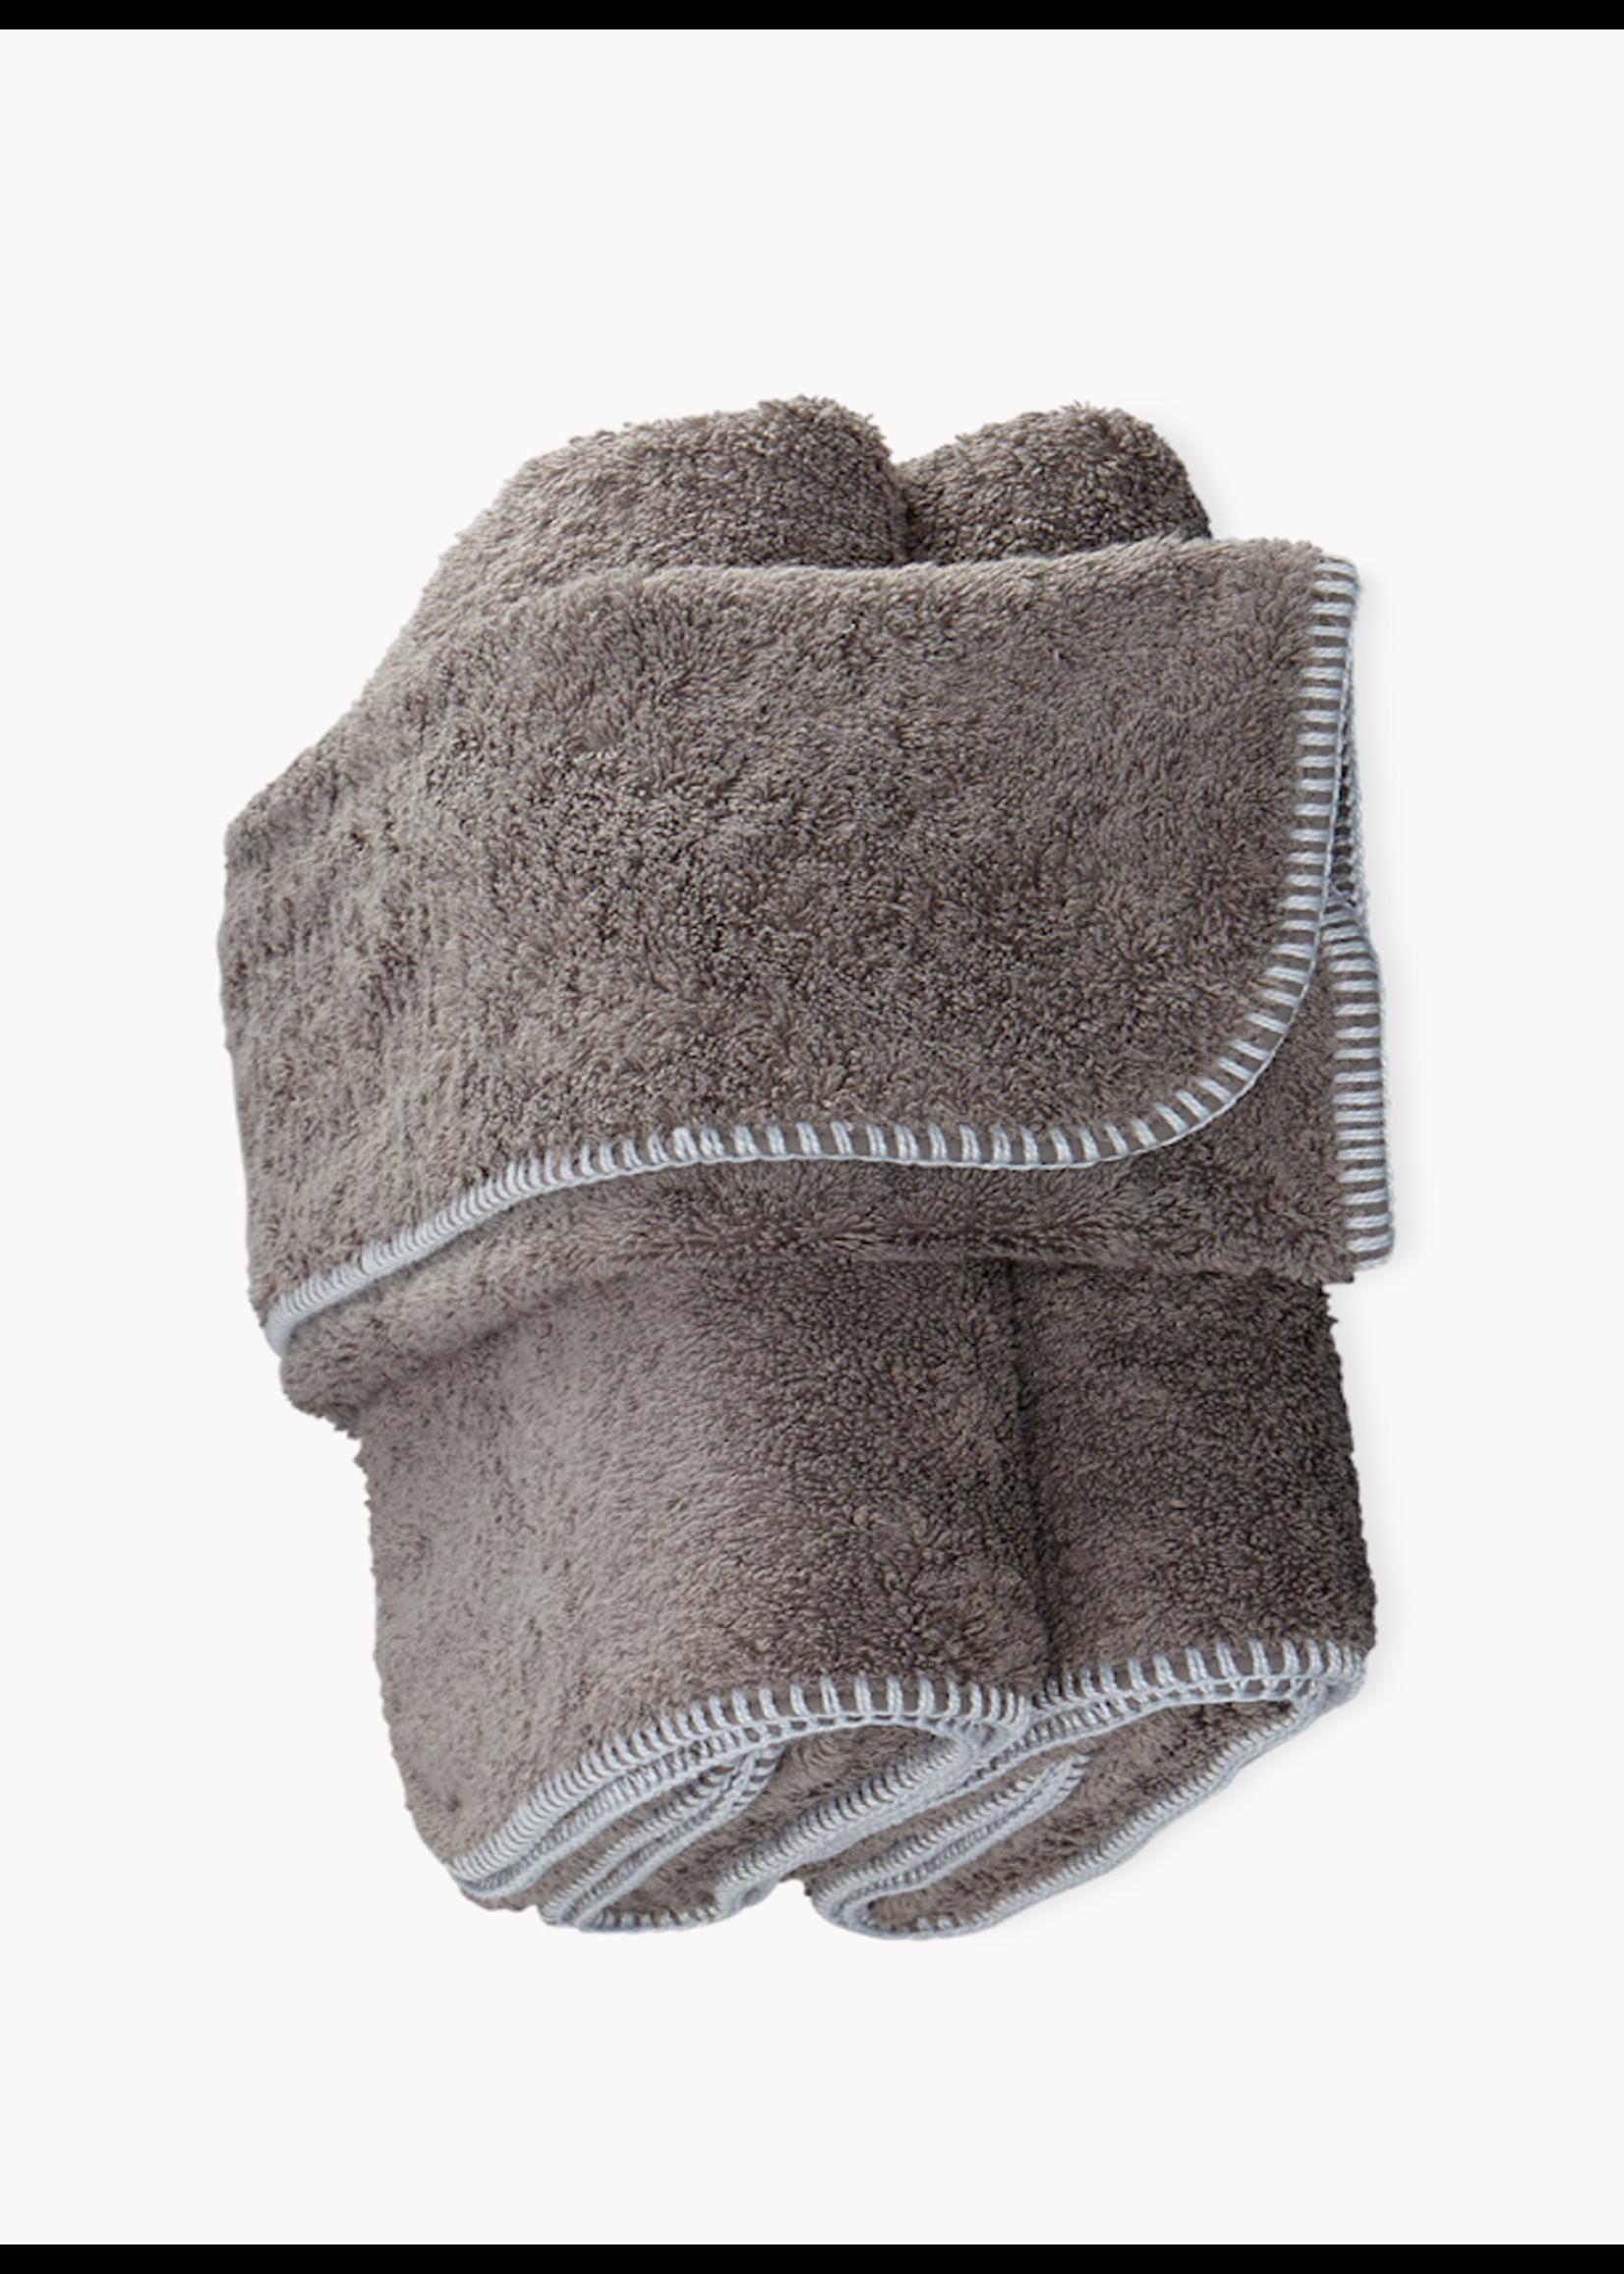 Matouk Matouk Whipstitch Bath Towels